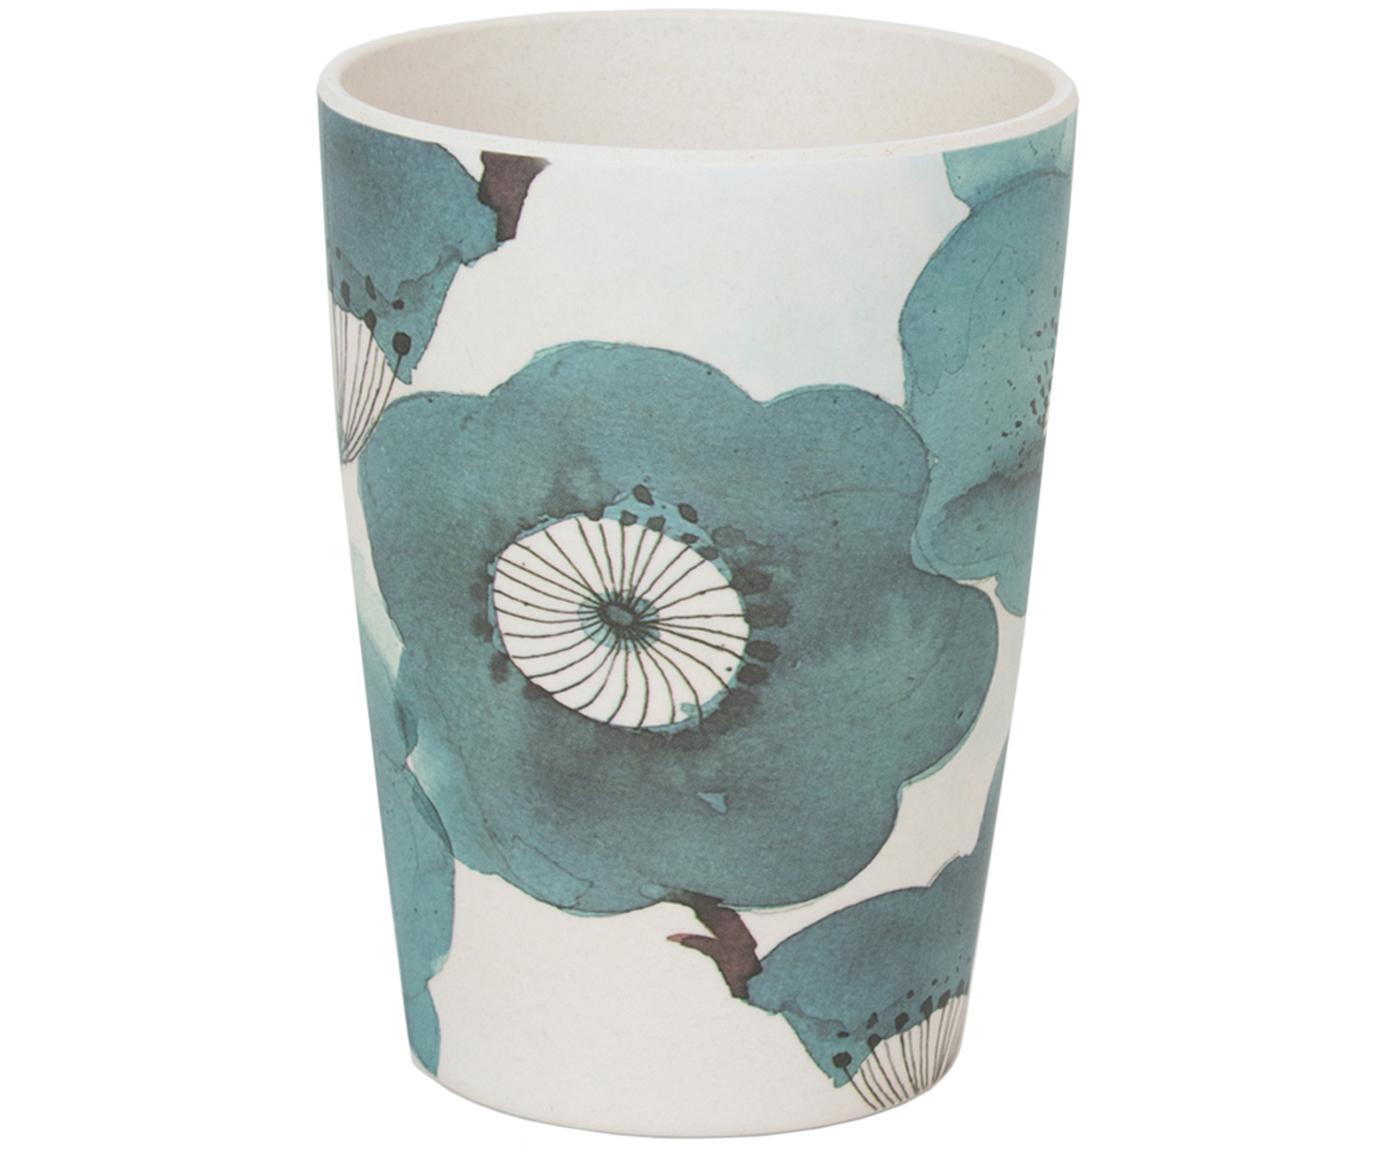 Taza de bambú Sakura, Fibras de bambú, pintado, Azul, Ø 8 x Al 11 cm